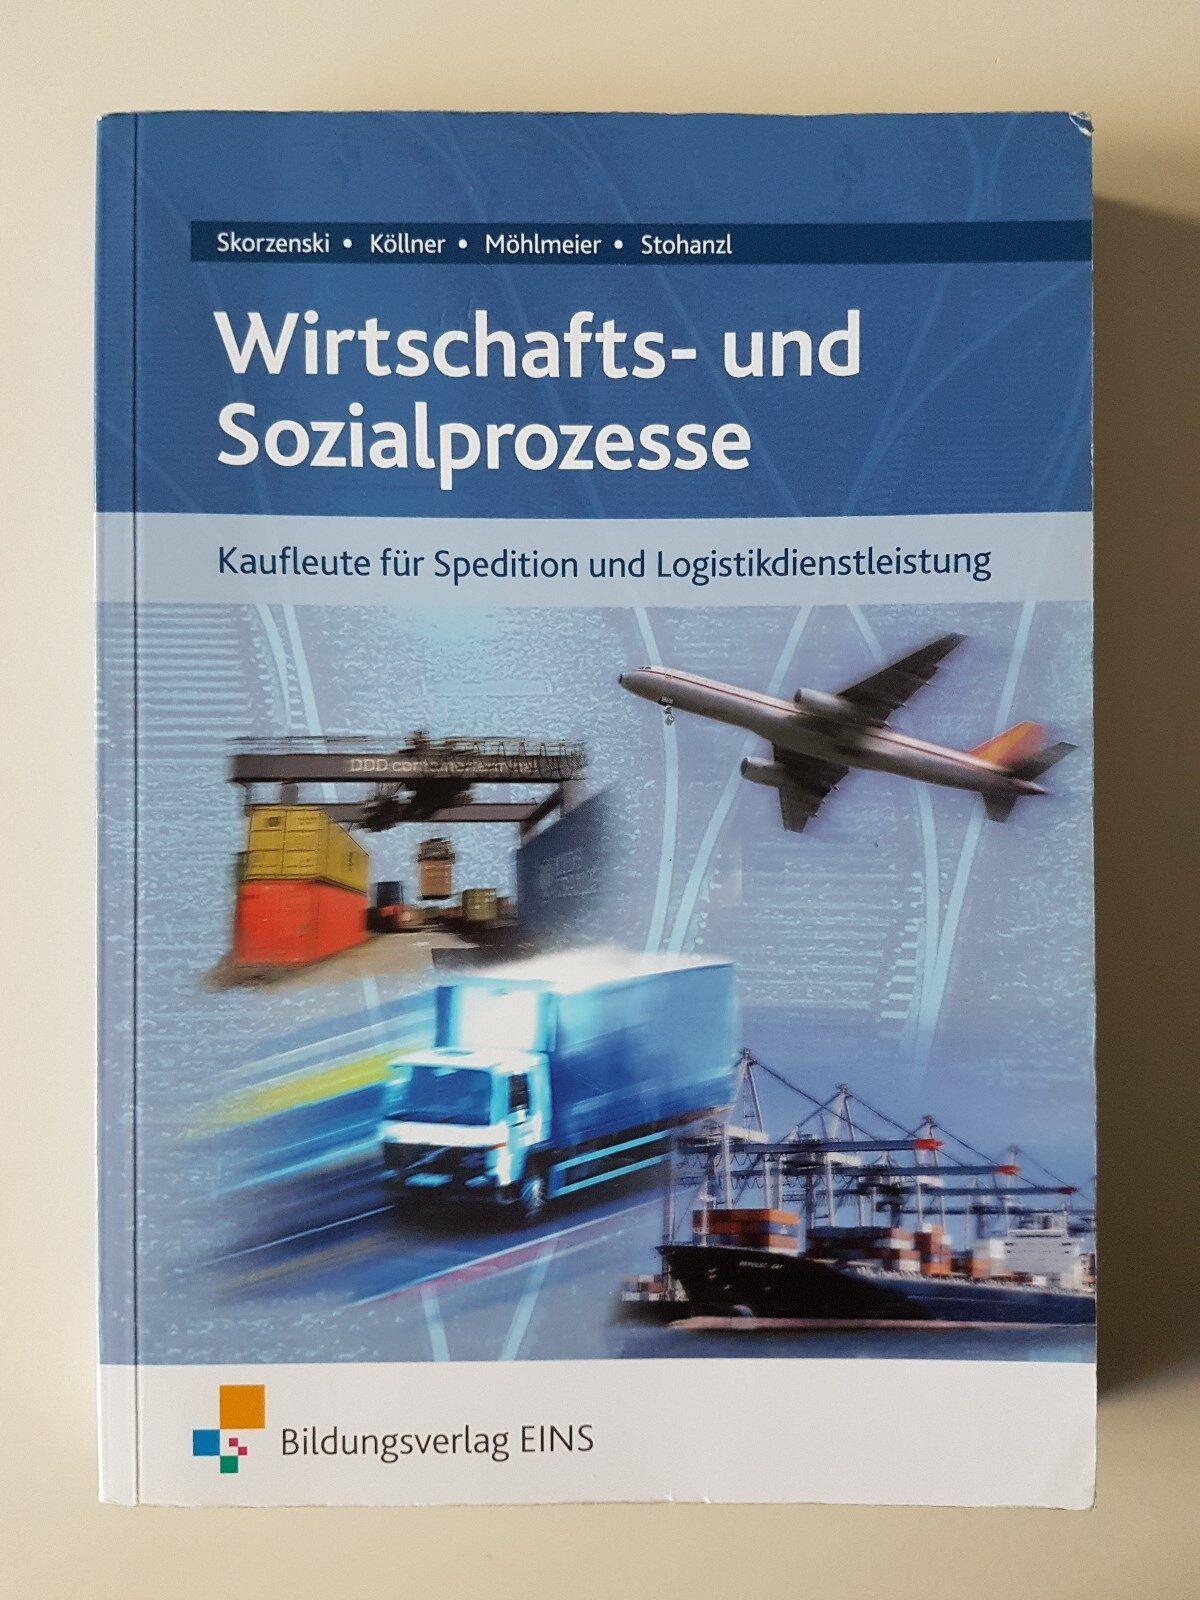 Wirtschafts- und Sozialprozesse für Kaufleute für Spedition und Logistikdienstle - Friedmund Skorzenski